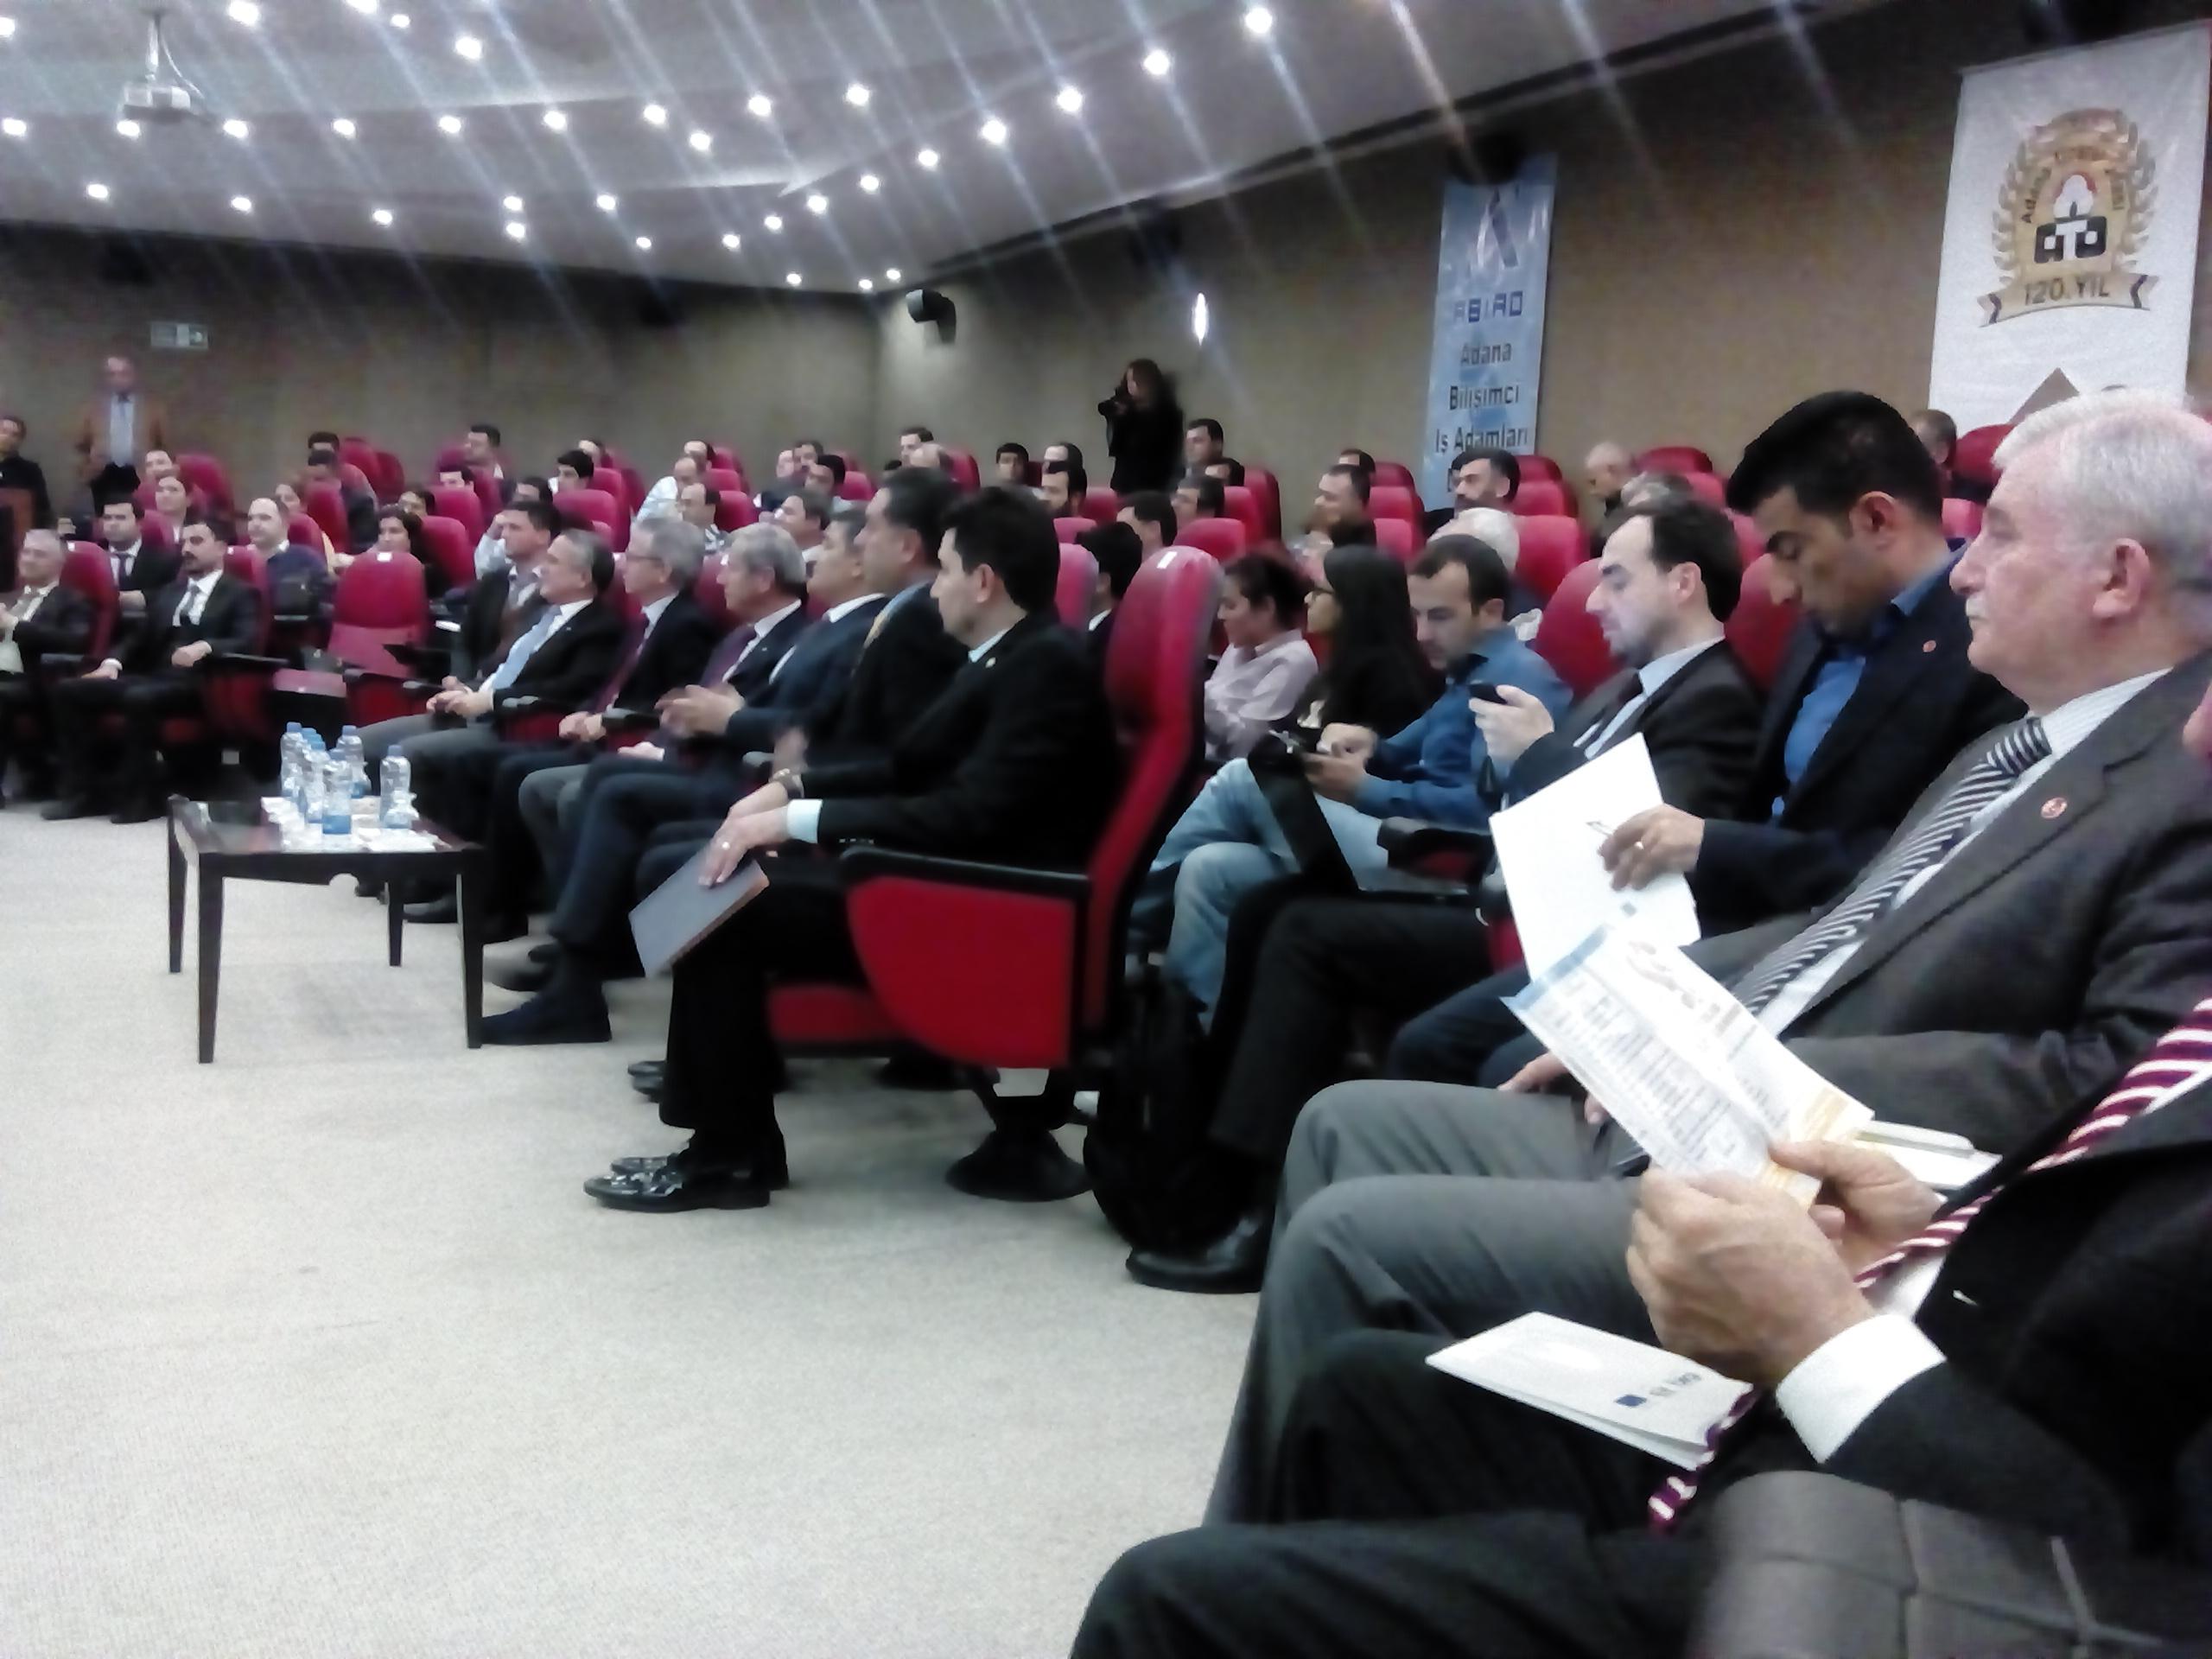 Sabider Tübifed toplantısı için Adana'da